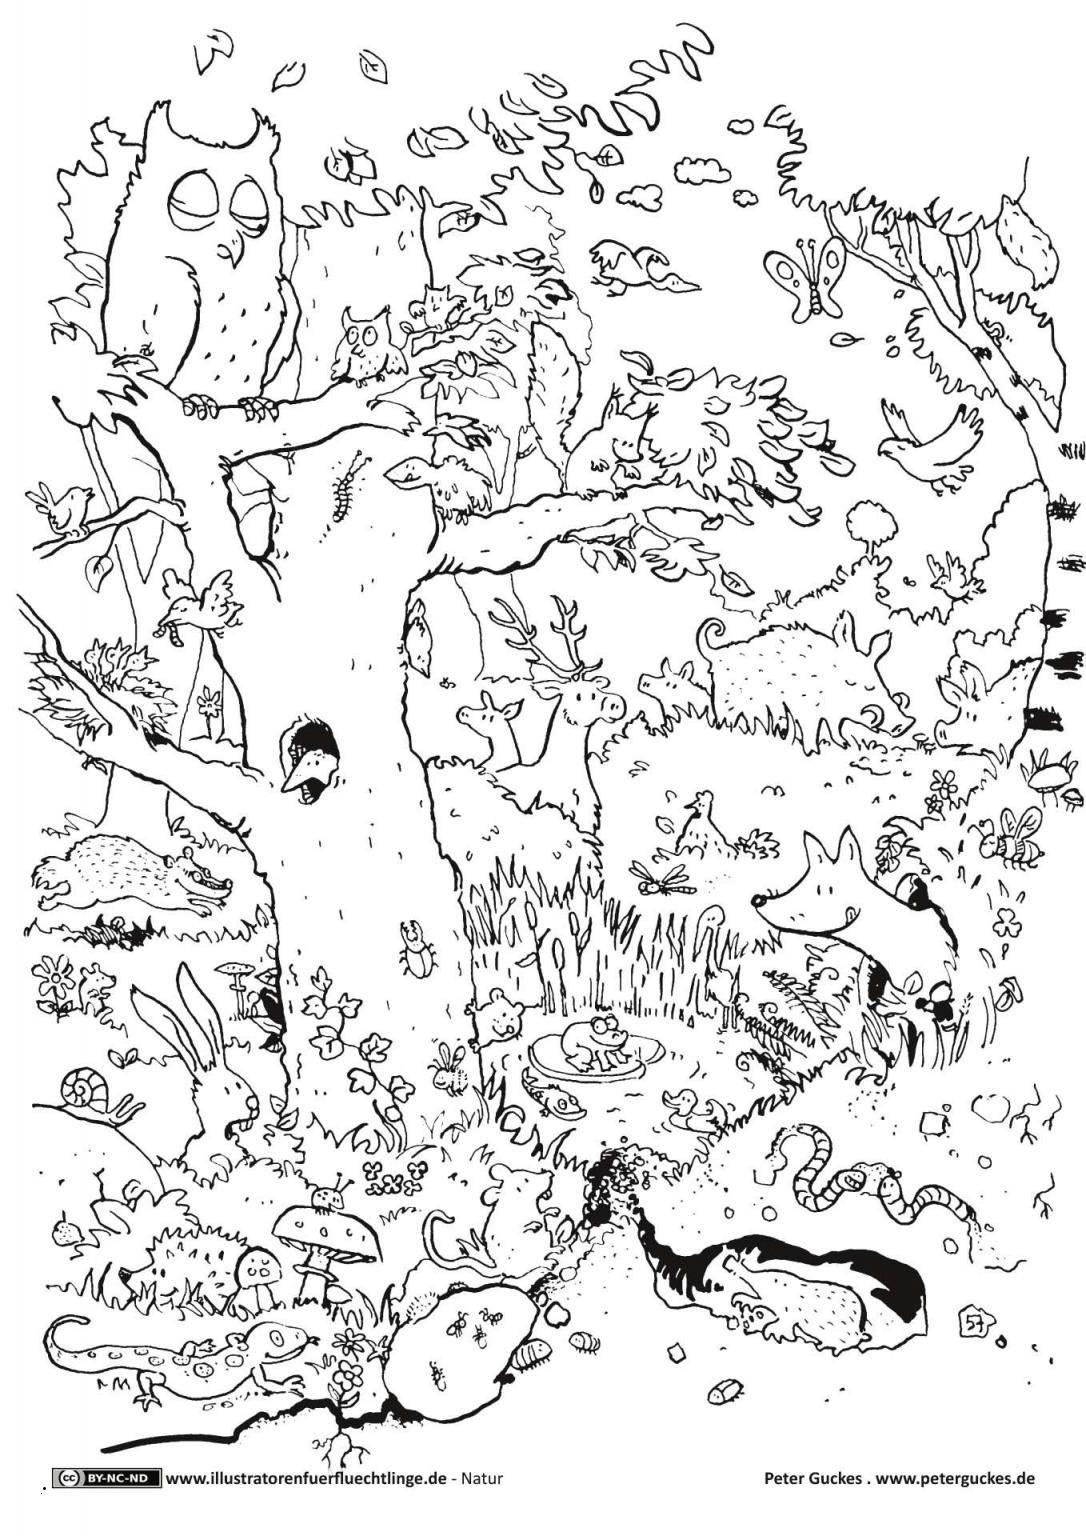 Harry Potter Ausmalbilder Wappen Genial 40 Skizze Harry Potter Malvorlagen Treehouse Nyc Bild